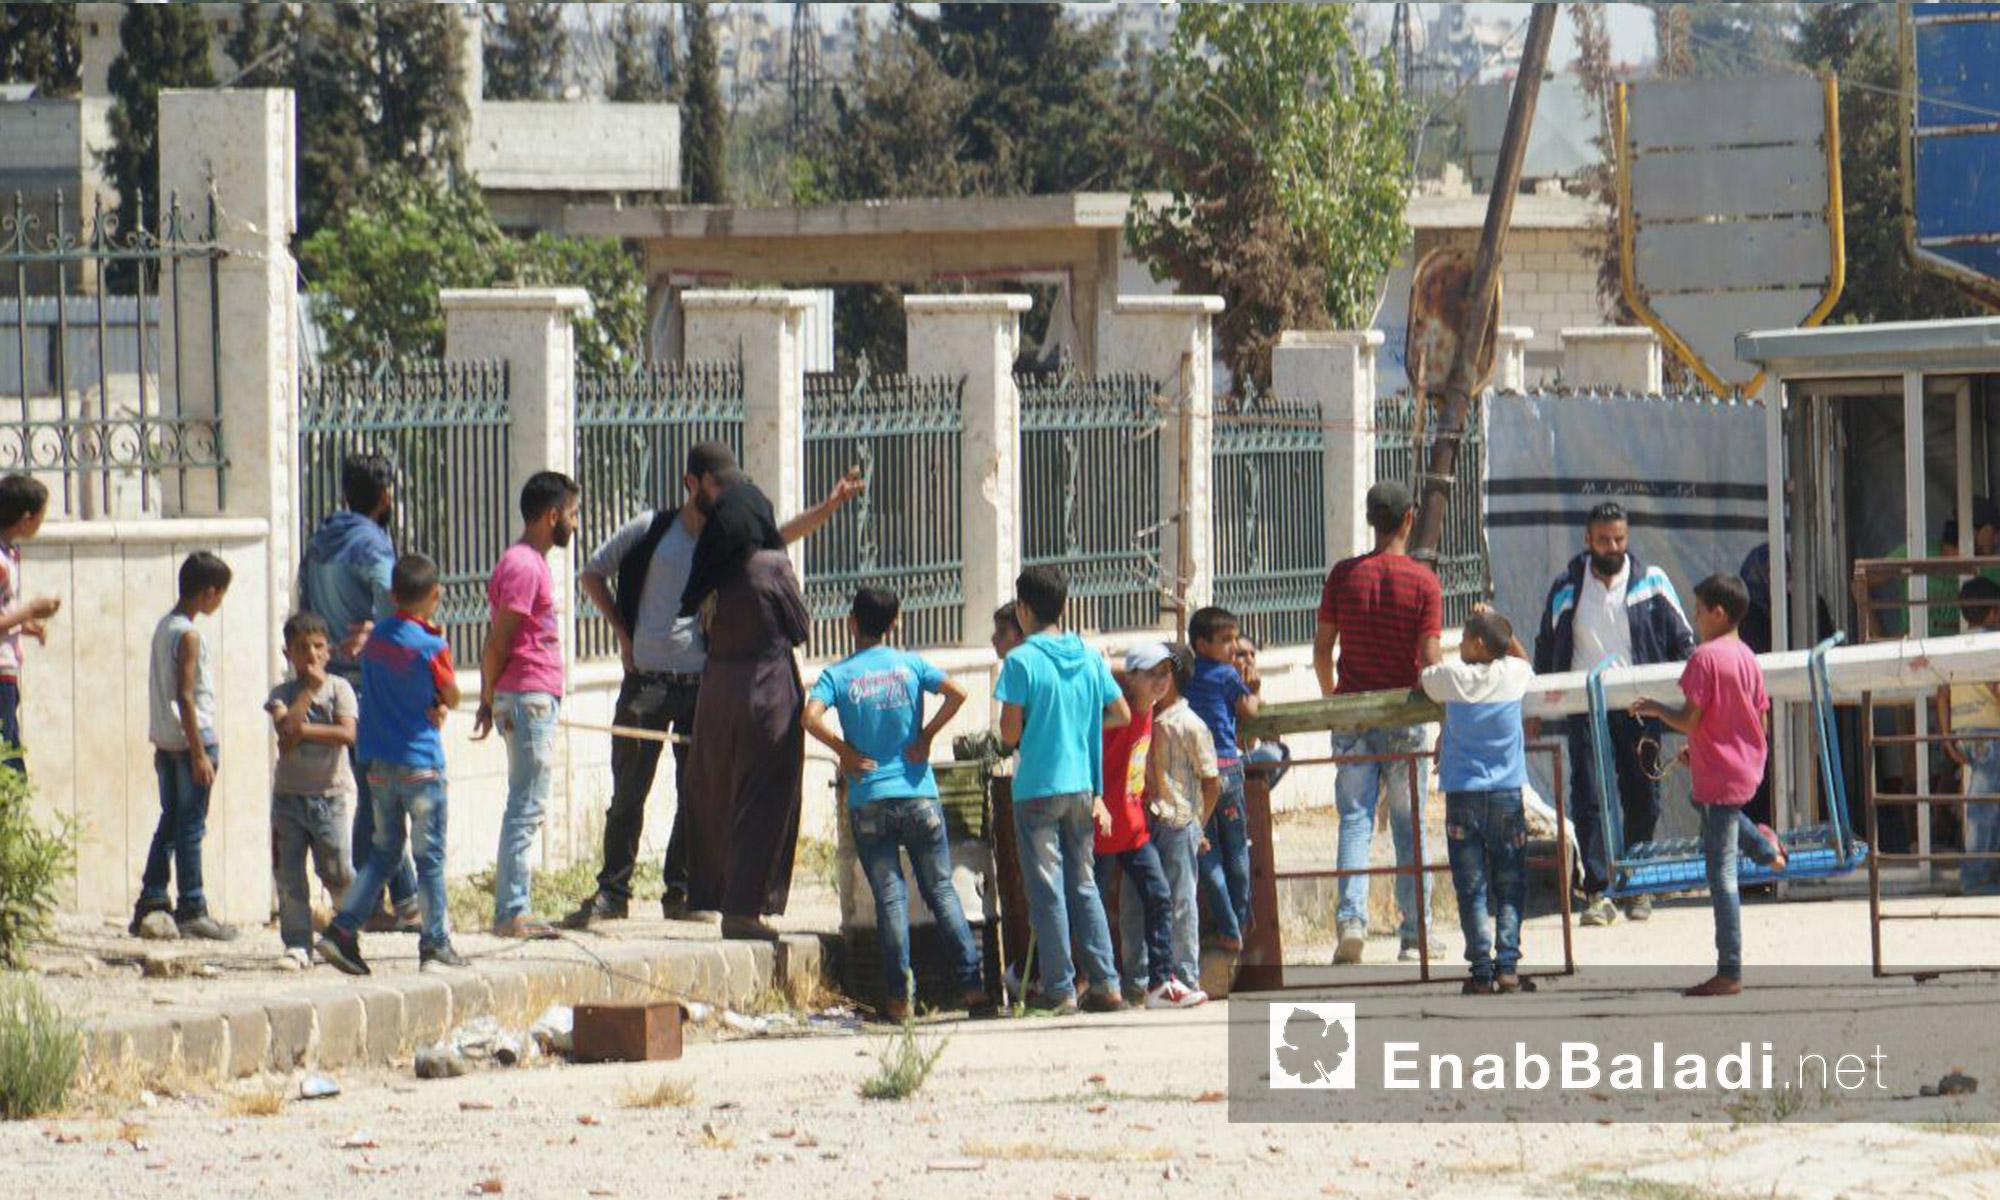 """أطفال ونساء قرب معبر """"دوار المهندسين"""" في حي الوعر بحمص - الثلاثاء 6 أيلول (عنب بلدي)"""